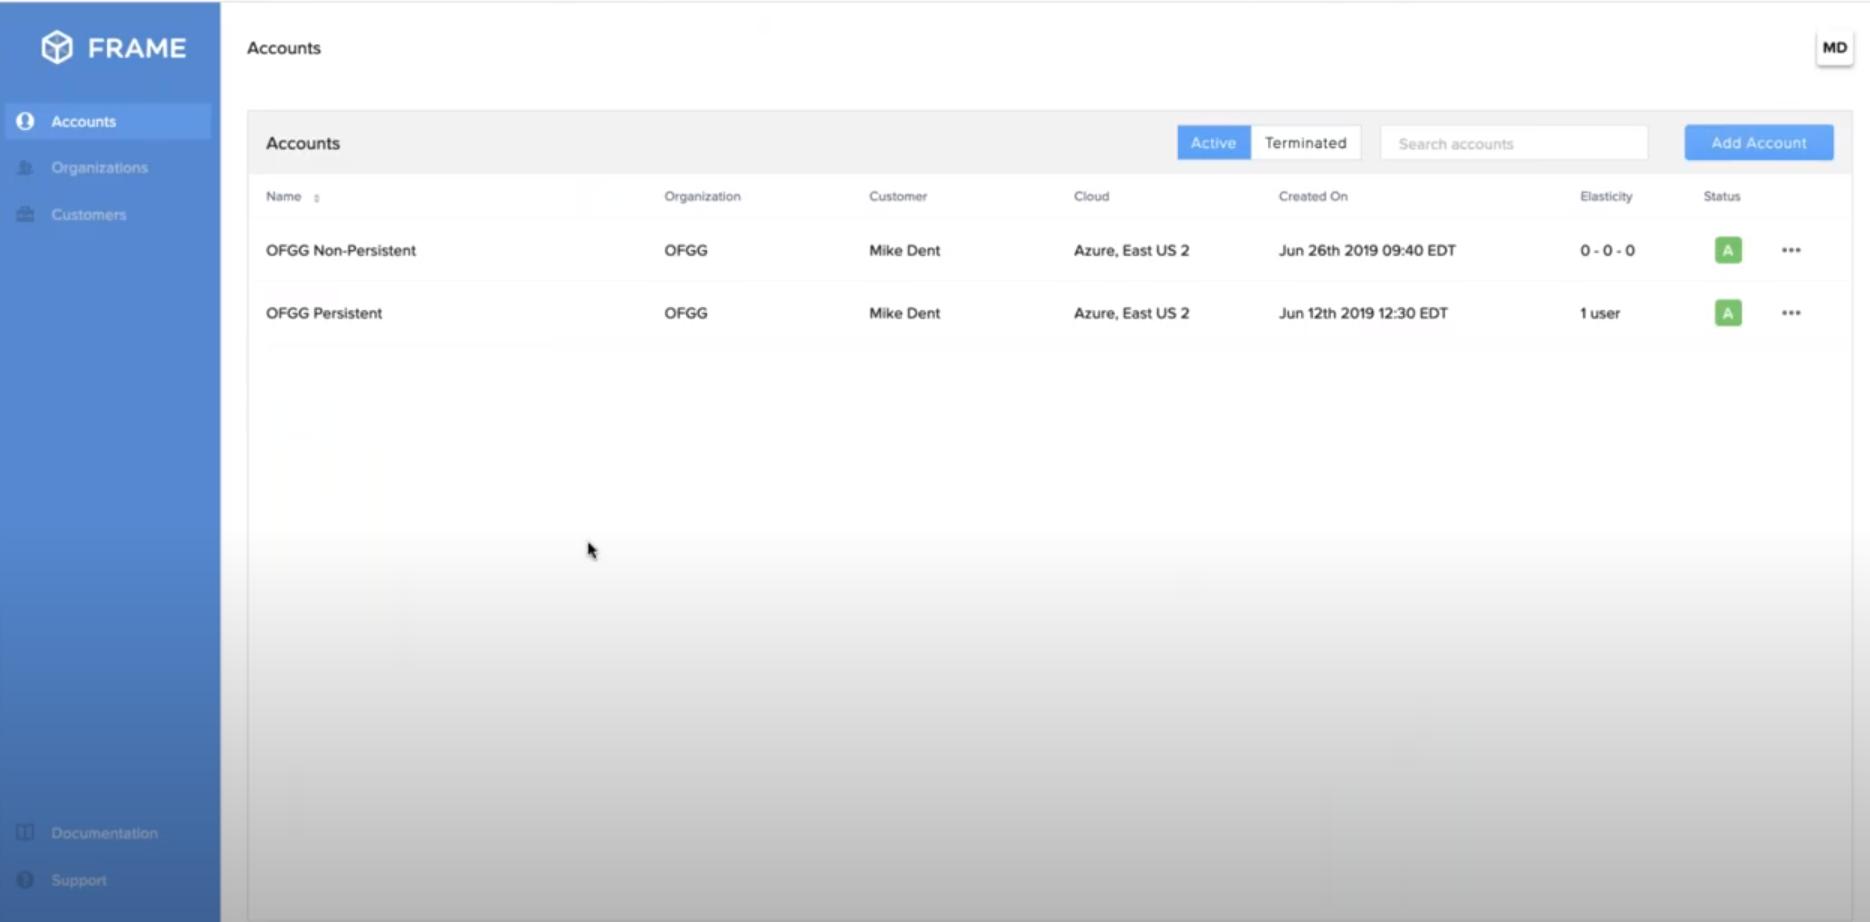 Frame accounts list